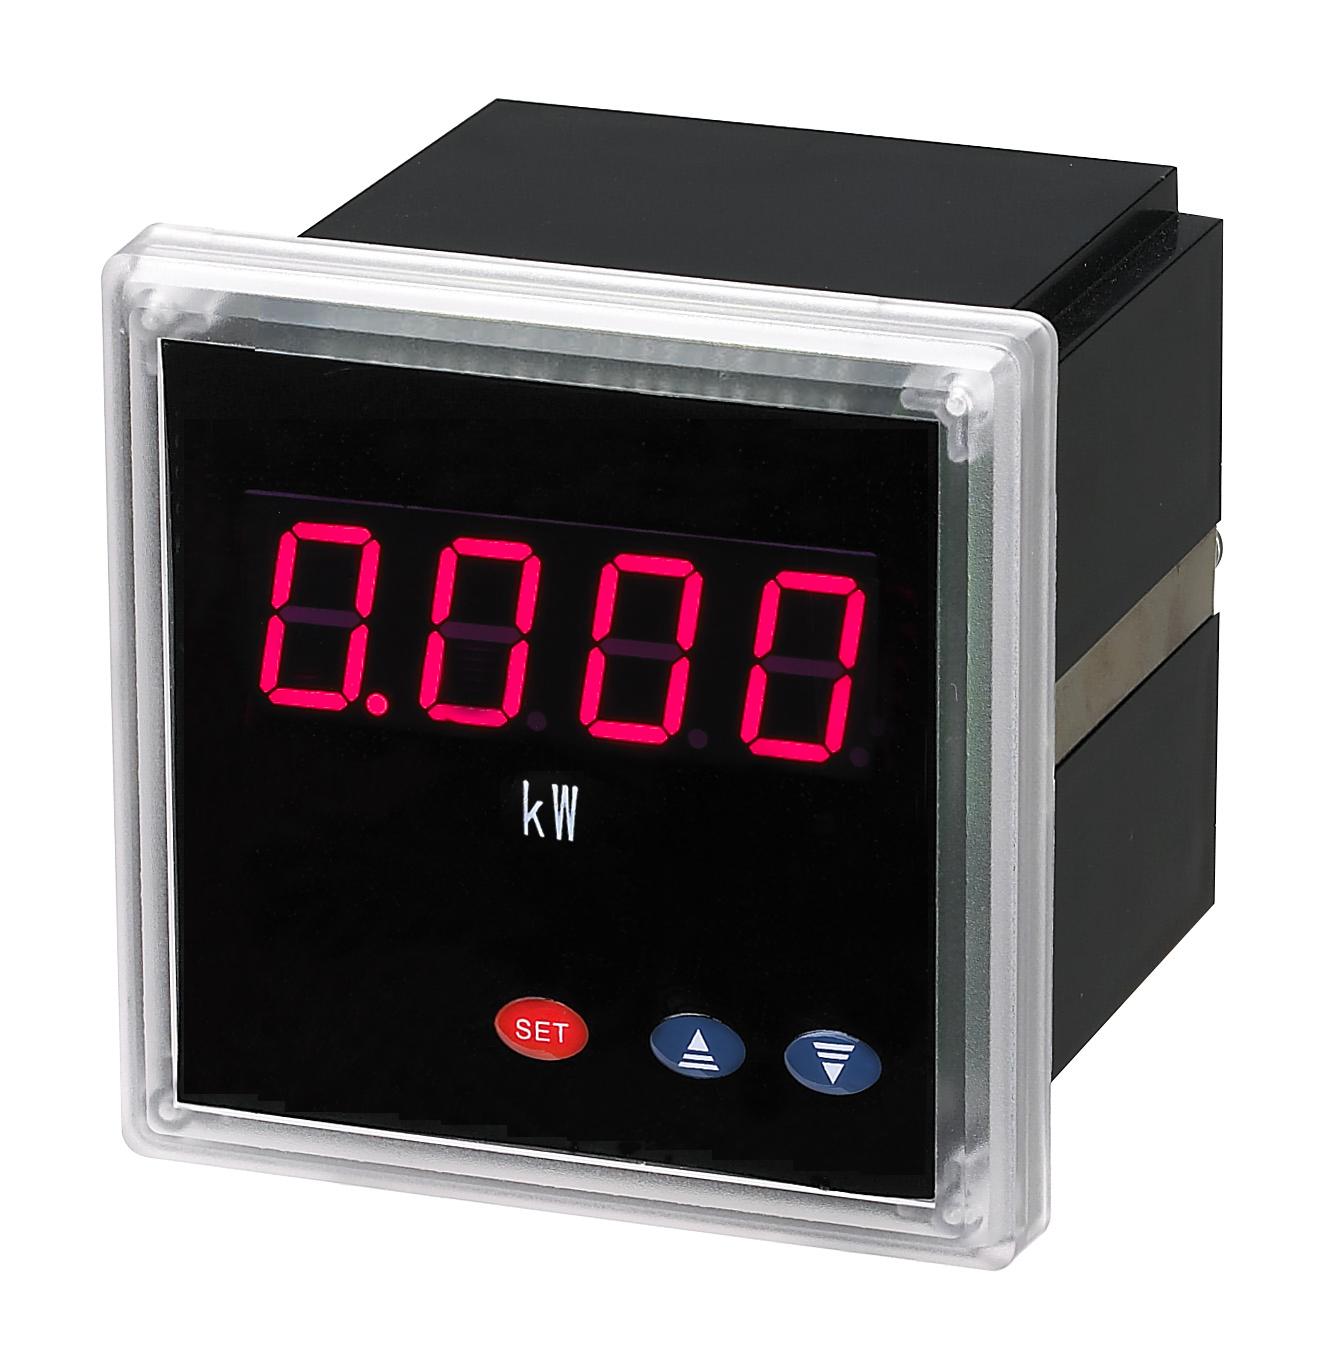 功率测量仪表-功率因数表/单相功率因数表/三相功率